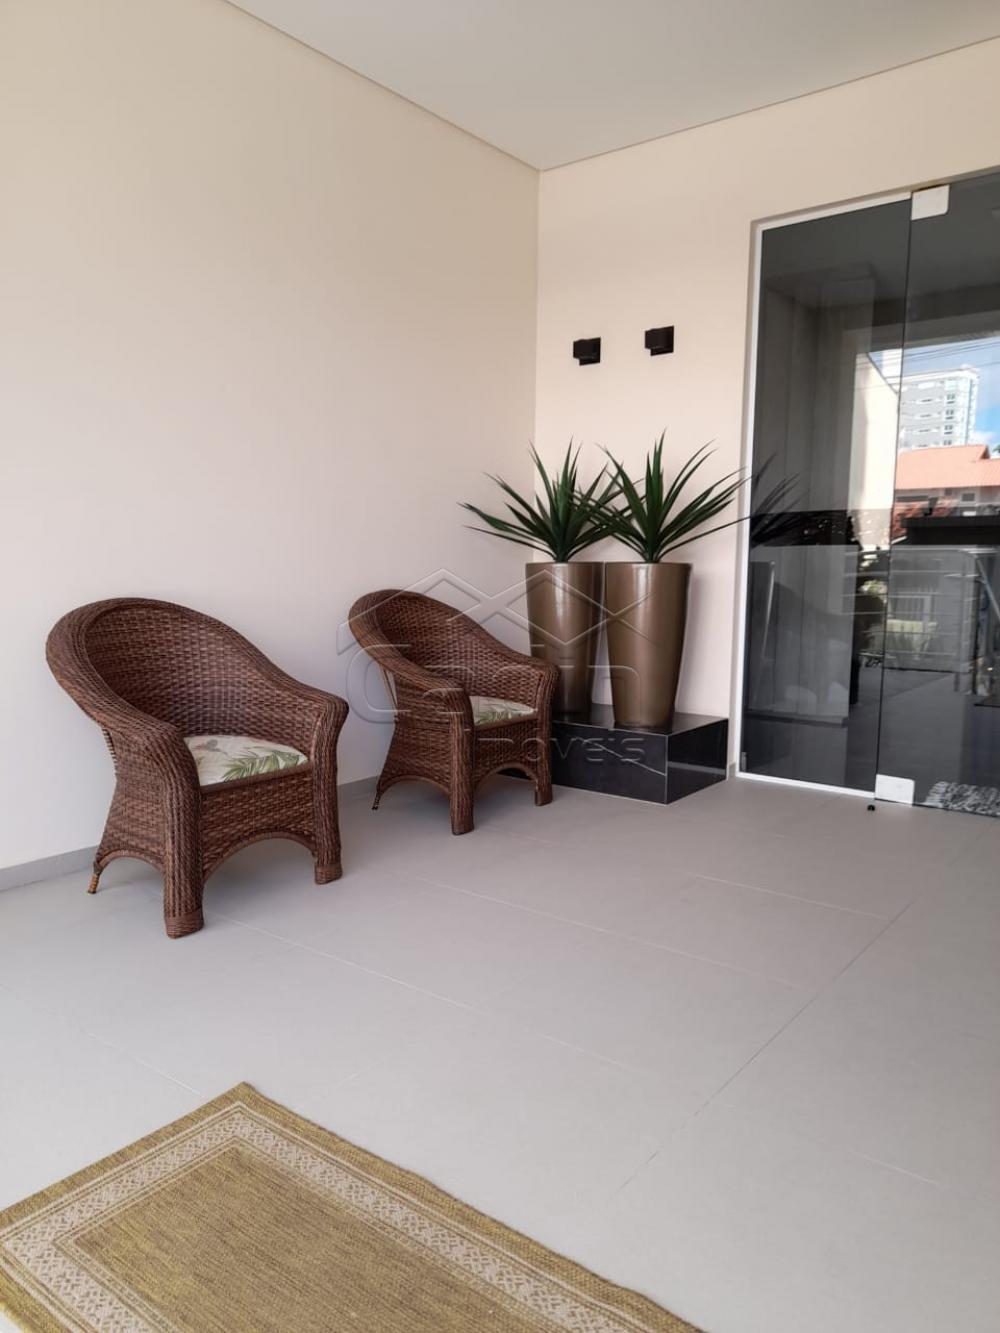 Comprar Apartamento / Padrão em Navegantes R$ 630.000,00 - Foto 4